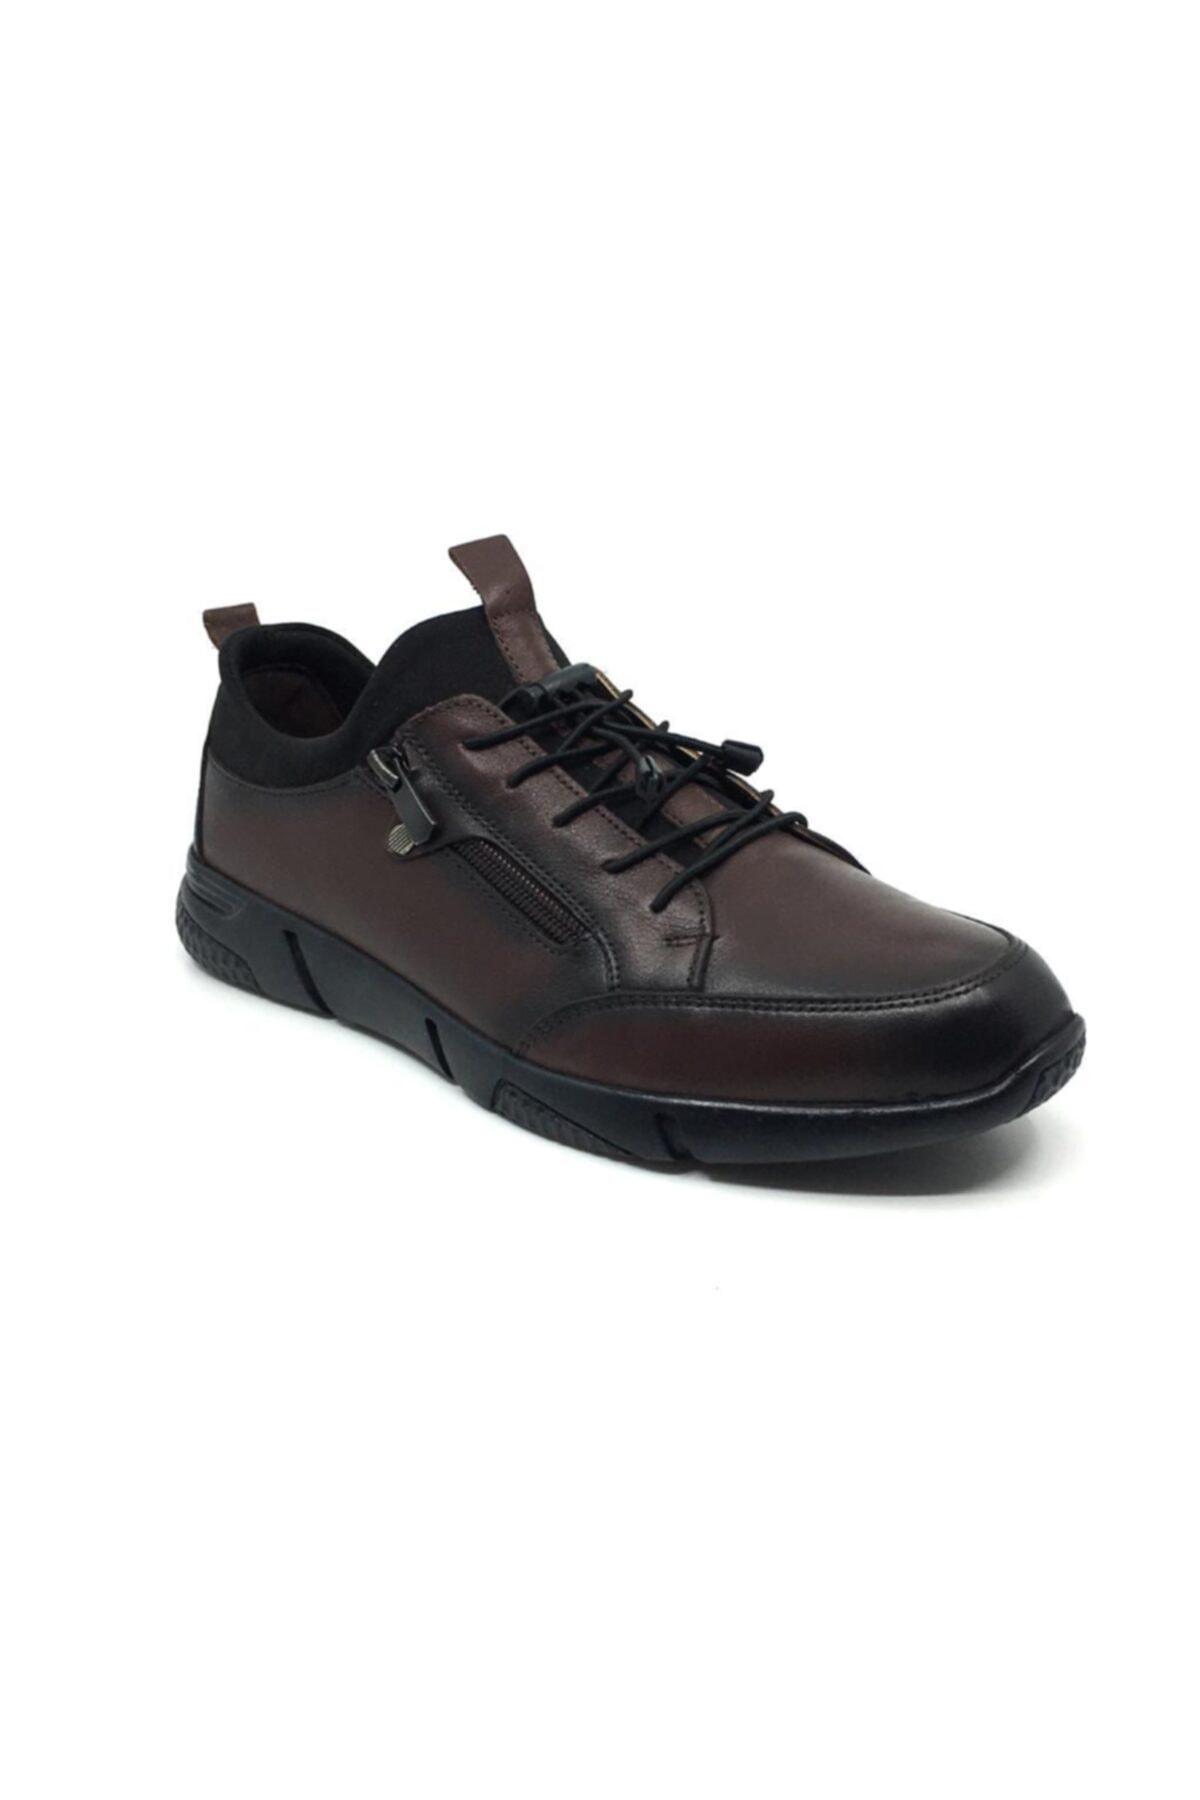 Taşpınar Salih %100 Deri Erkek Rahat Günlük Streçli Bağsız Mevsimlik Ayakkabı 1